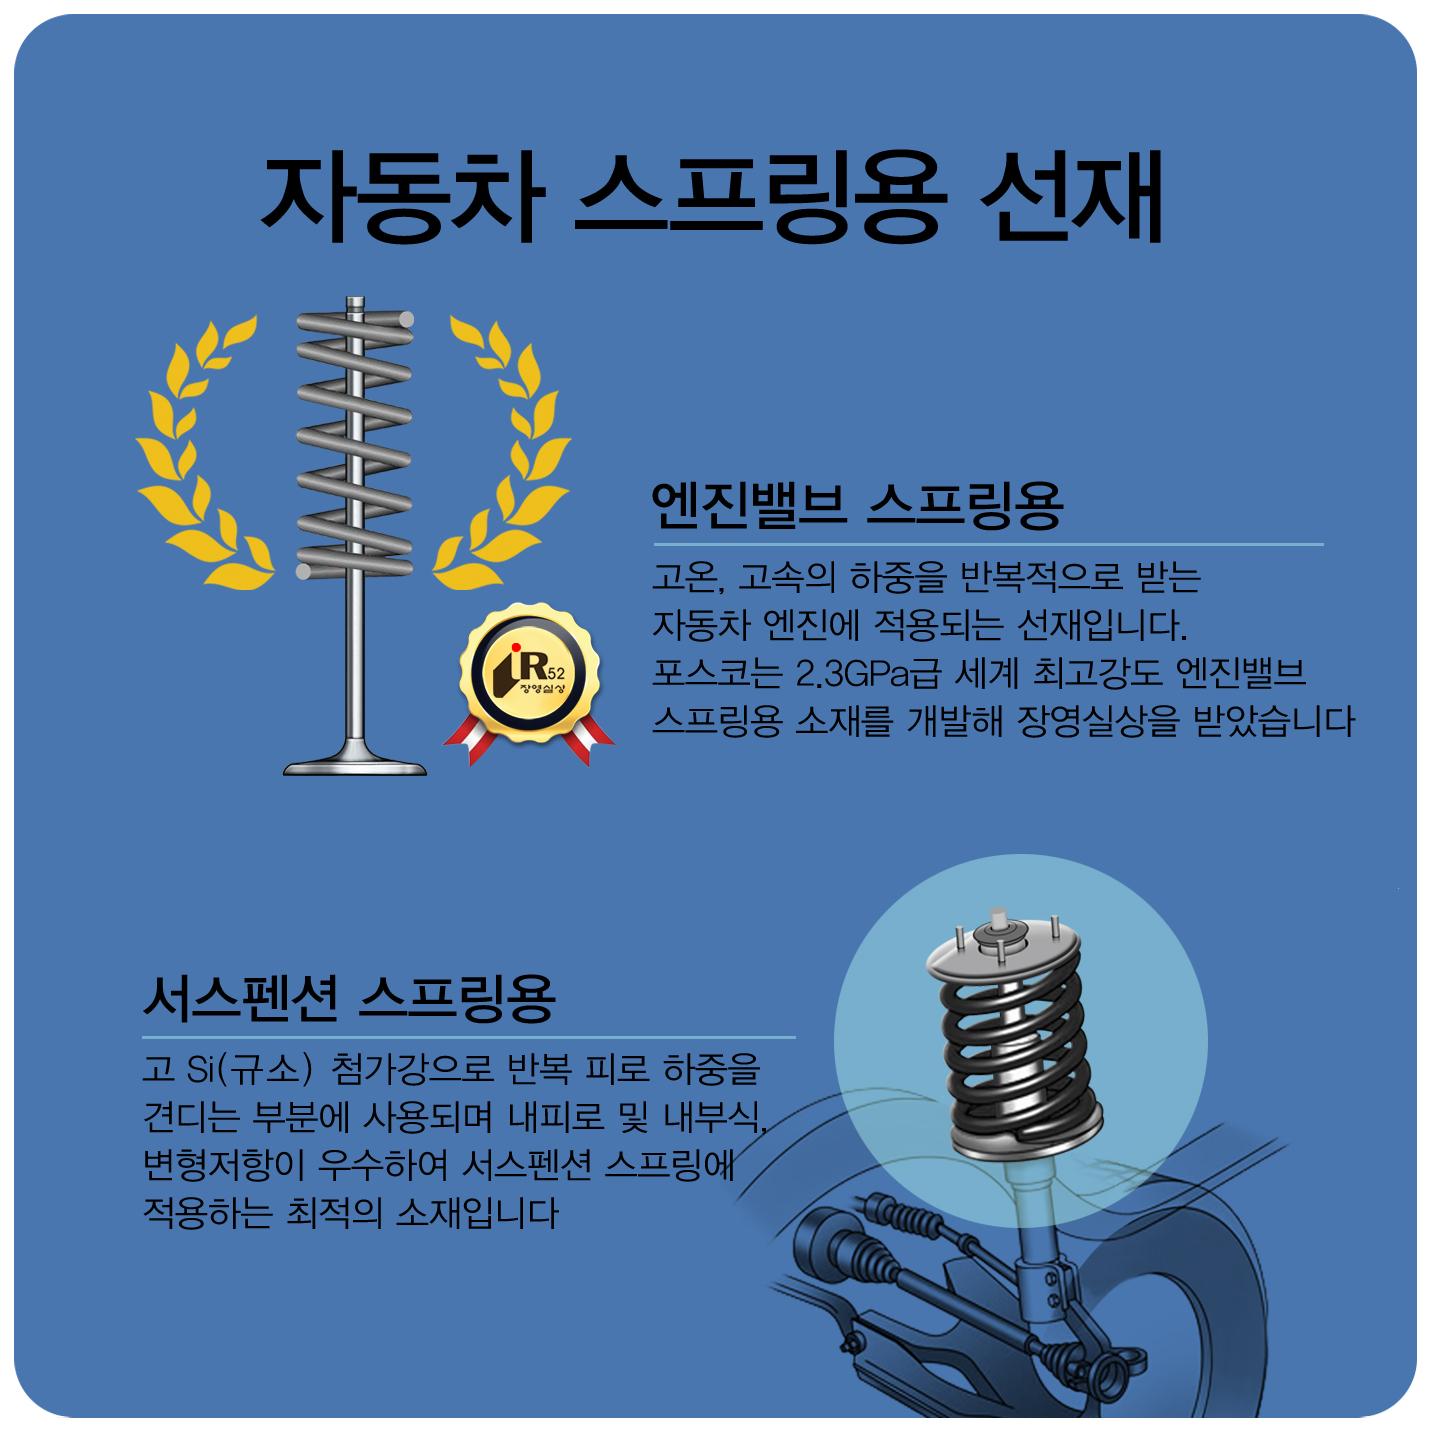 자동차 스프링용 선재 엔진밸브 스프링용 고온,고속의 하중을 반복적으로 받는 자동차 엔진에 적용되는 선재입니다 포스코는 2.3gpa급 세계최고강도엔진밸브 스프링용 소재를 개발해 장영실상을 받았습니다 서스펜션 스프링용 고si(규소) 첨가강으로 반복 피로 하중을 견디는 부분에 사용되며 내피로 및 내부식, 변형저항이 우수하여 서스펜션 스프링에 적용하는 최적의 소재입니다